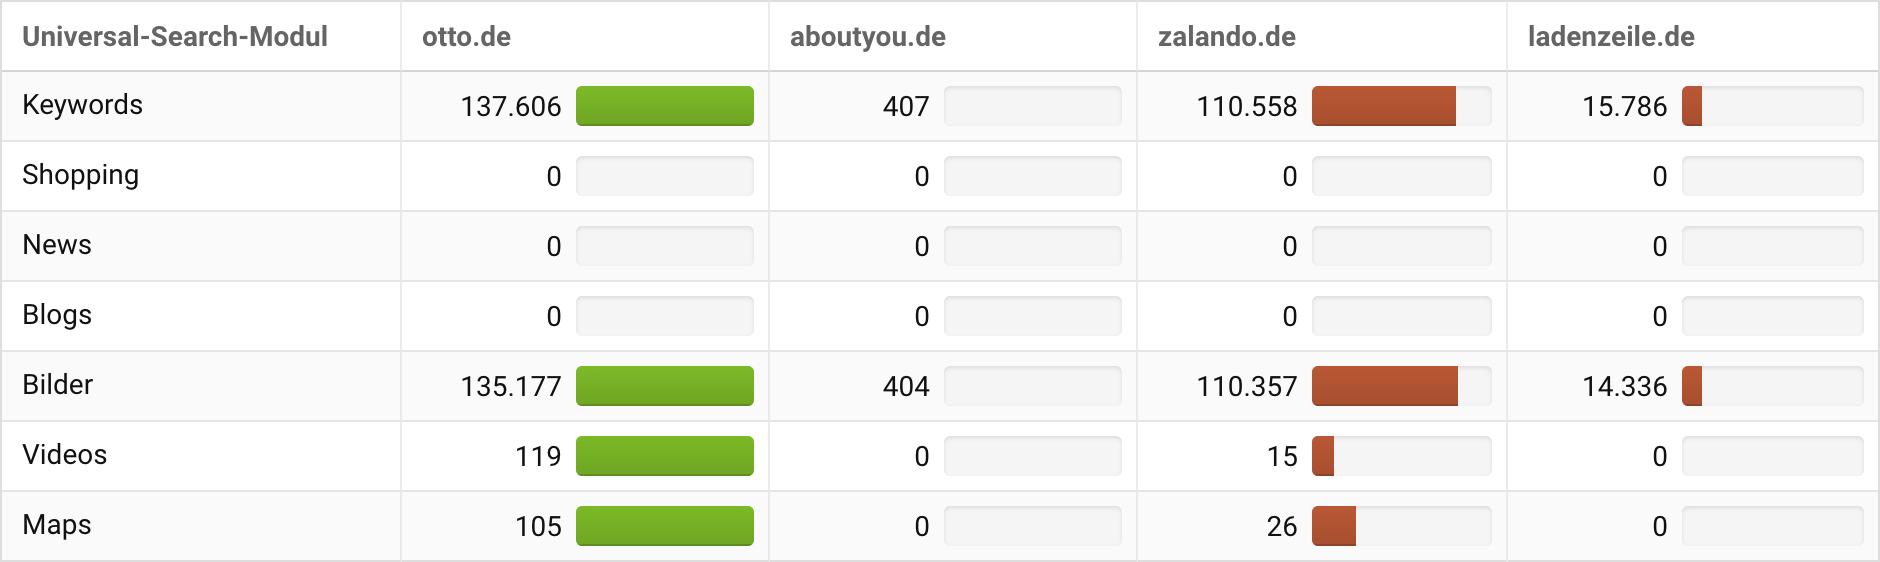 Ansicht der Universal-Search Daten der Wettbewerbsvergleich-Ansicht in der SISTRIX Toolbox für vier Domains.